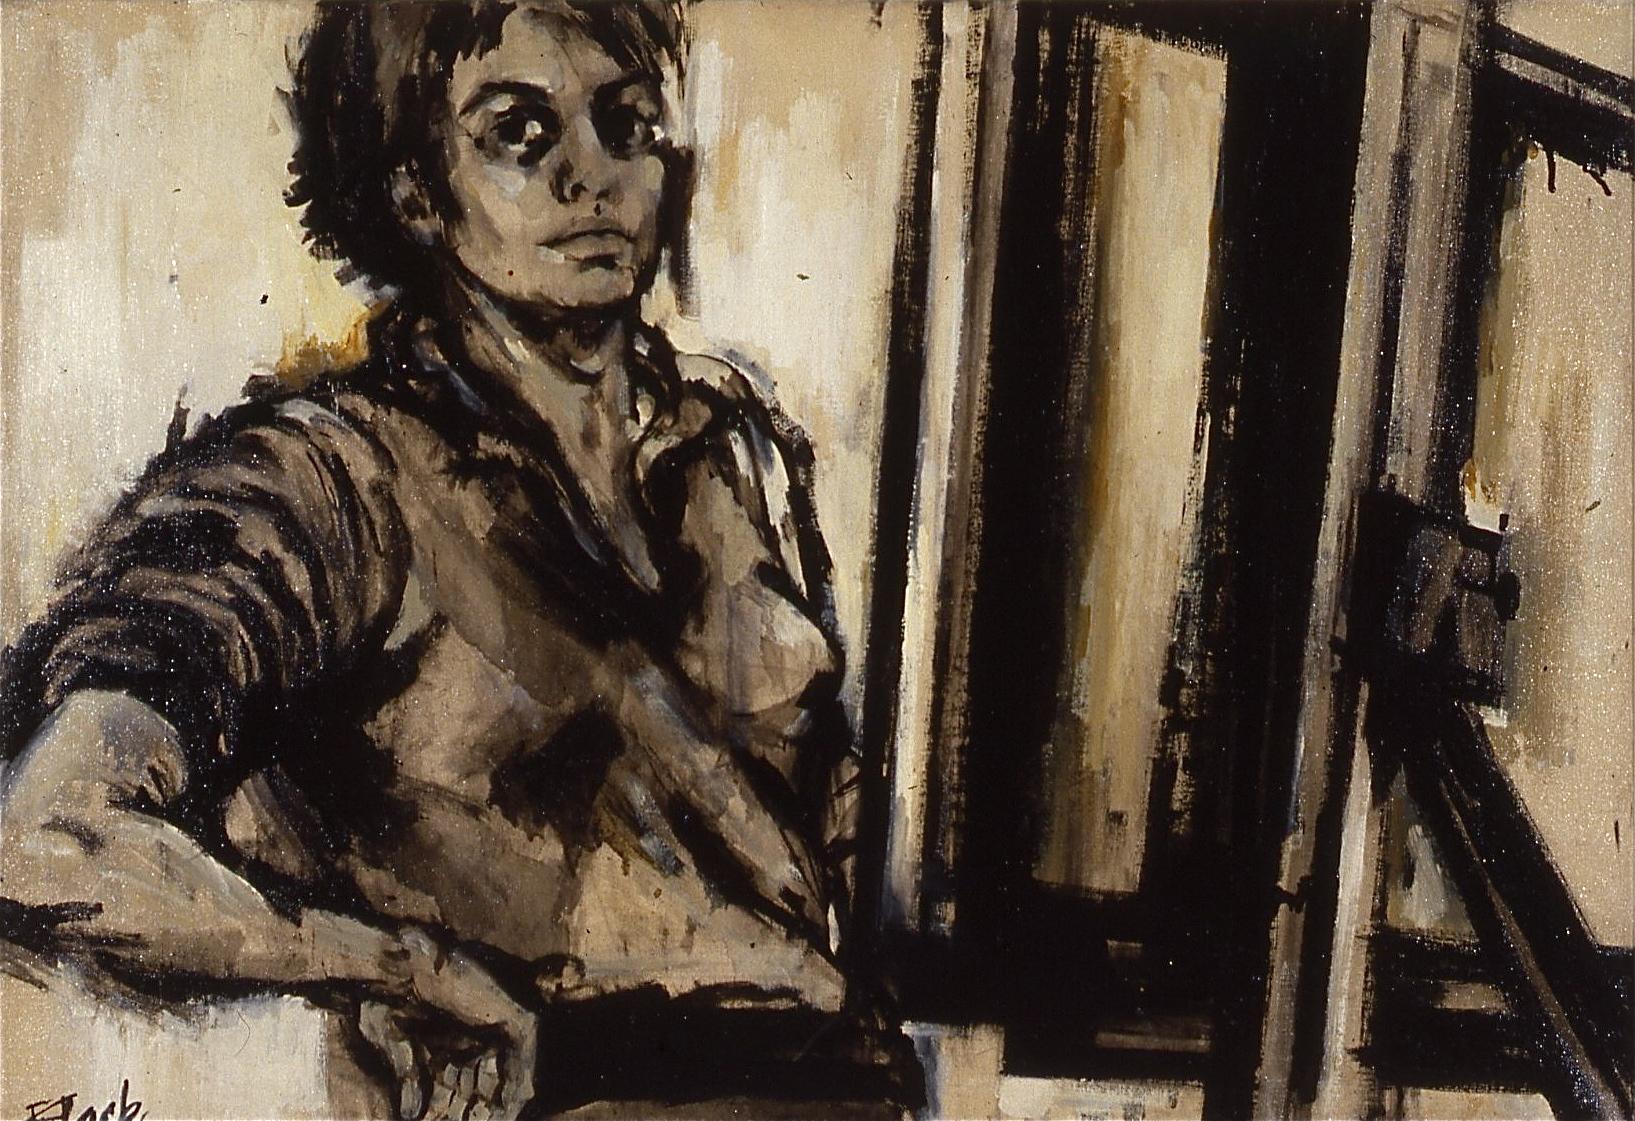 Self-Portrait at Easel: For Franz Kline, 1958